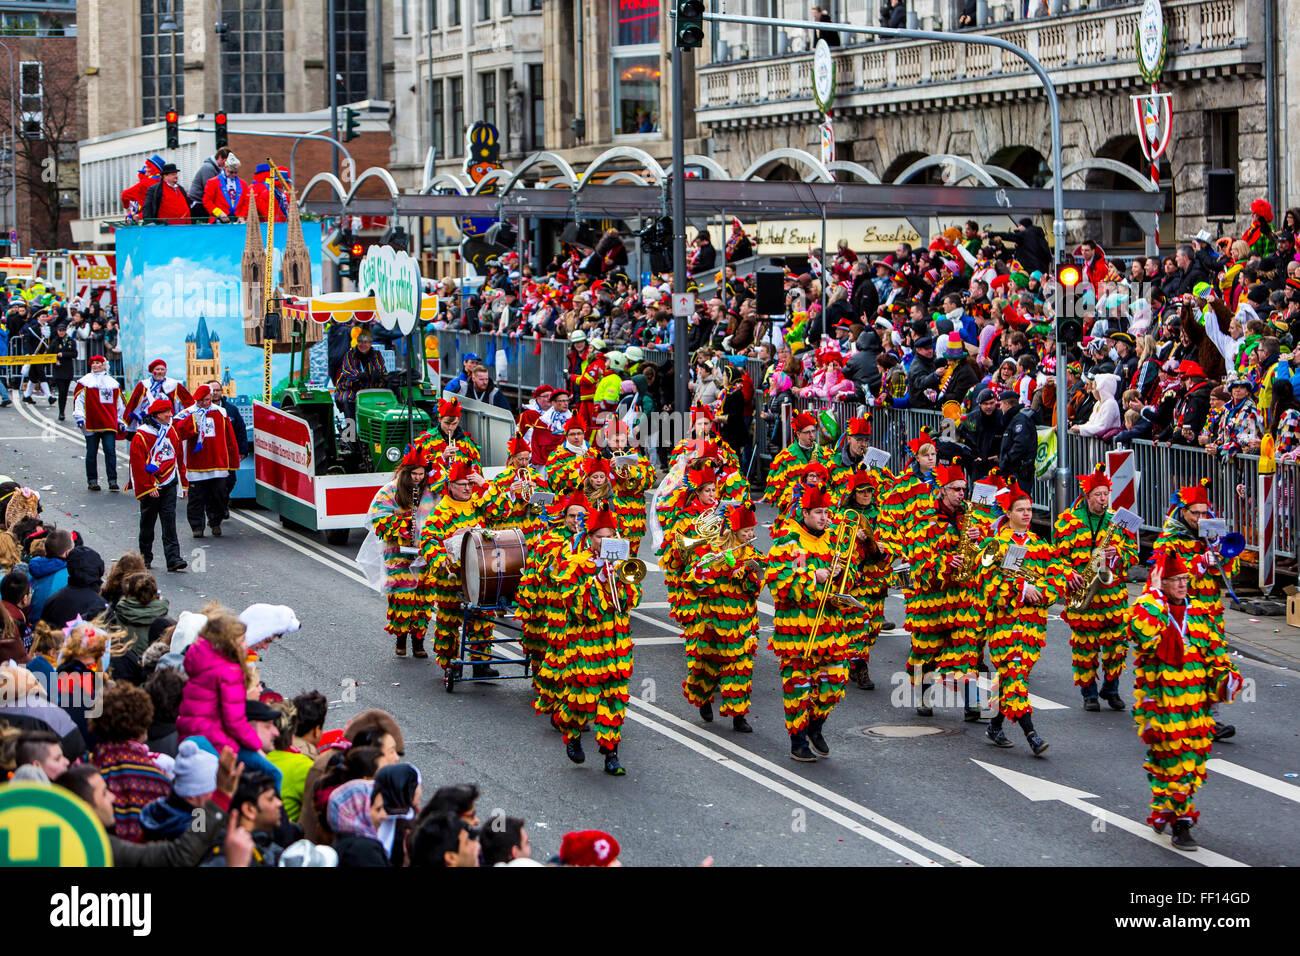 Street sfilata di carnevale e festa in Colonia, Germania in occasione del Carnevale di Lunedì, Martedì Immagini Stock